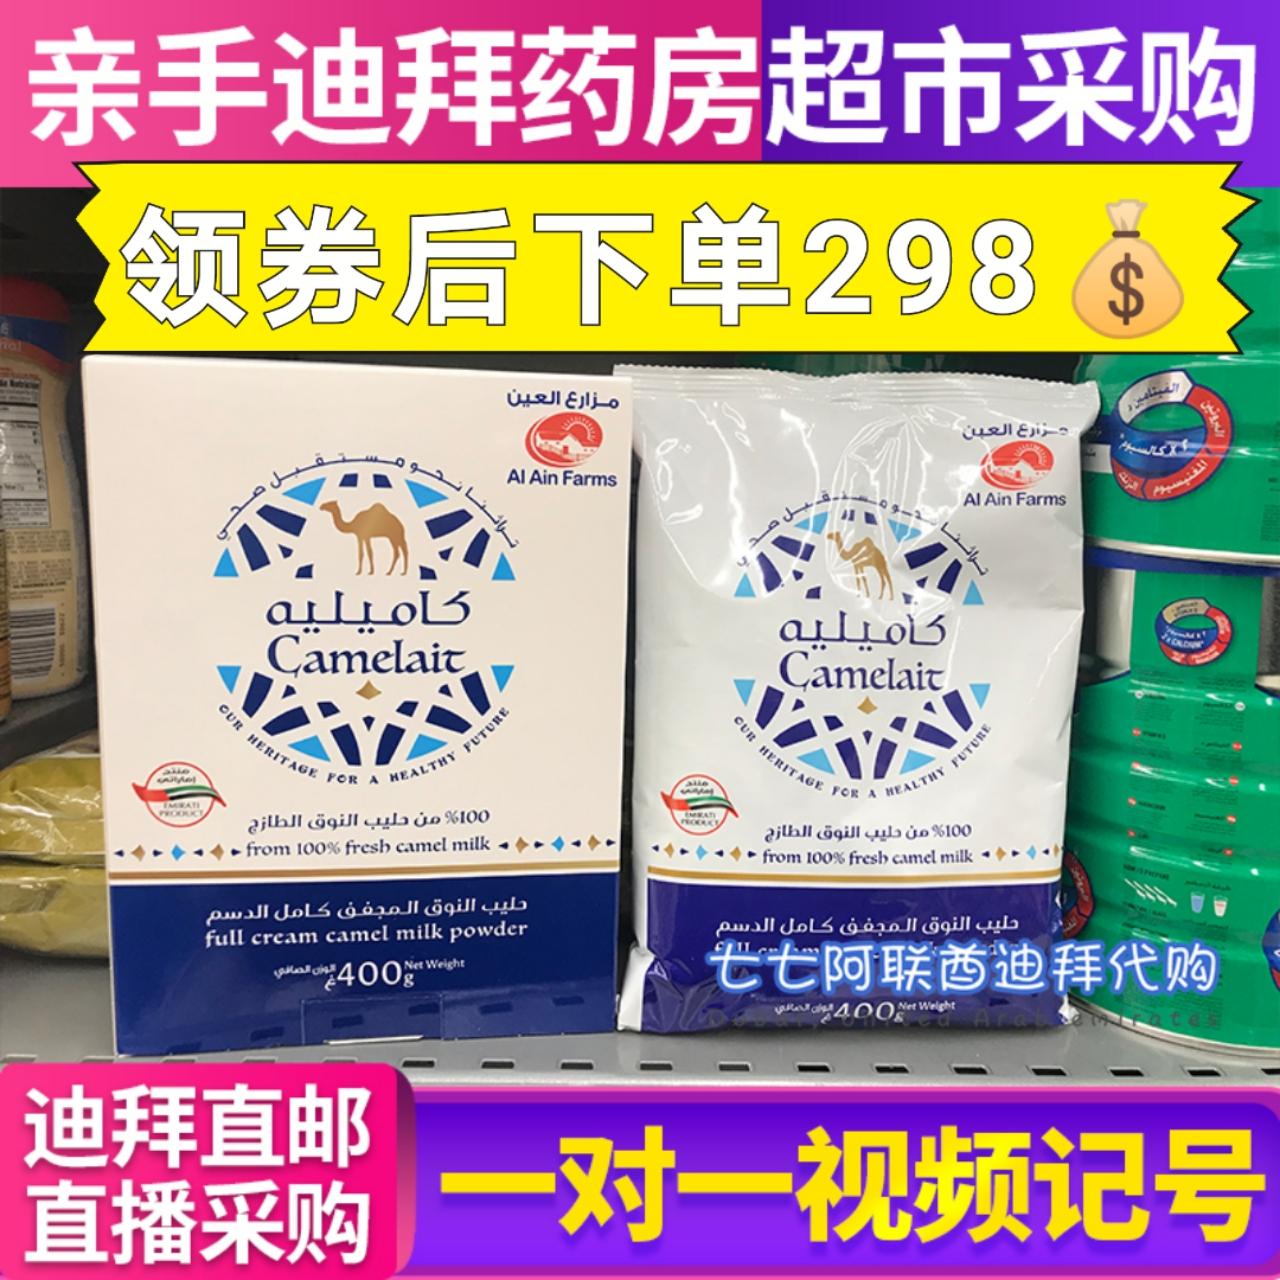 骆驼奶粉迪拜原装400g直邮纯天然全脂无糖中东阿联酋原产骆驼乳粉